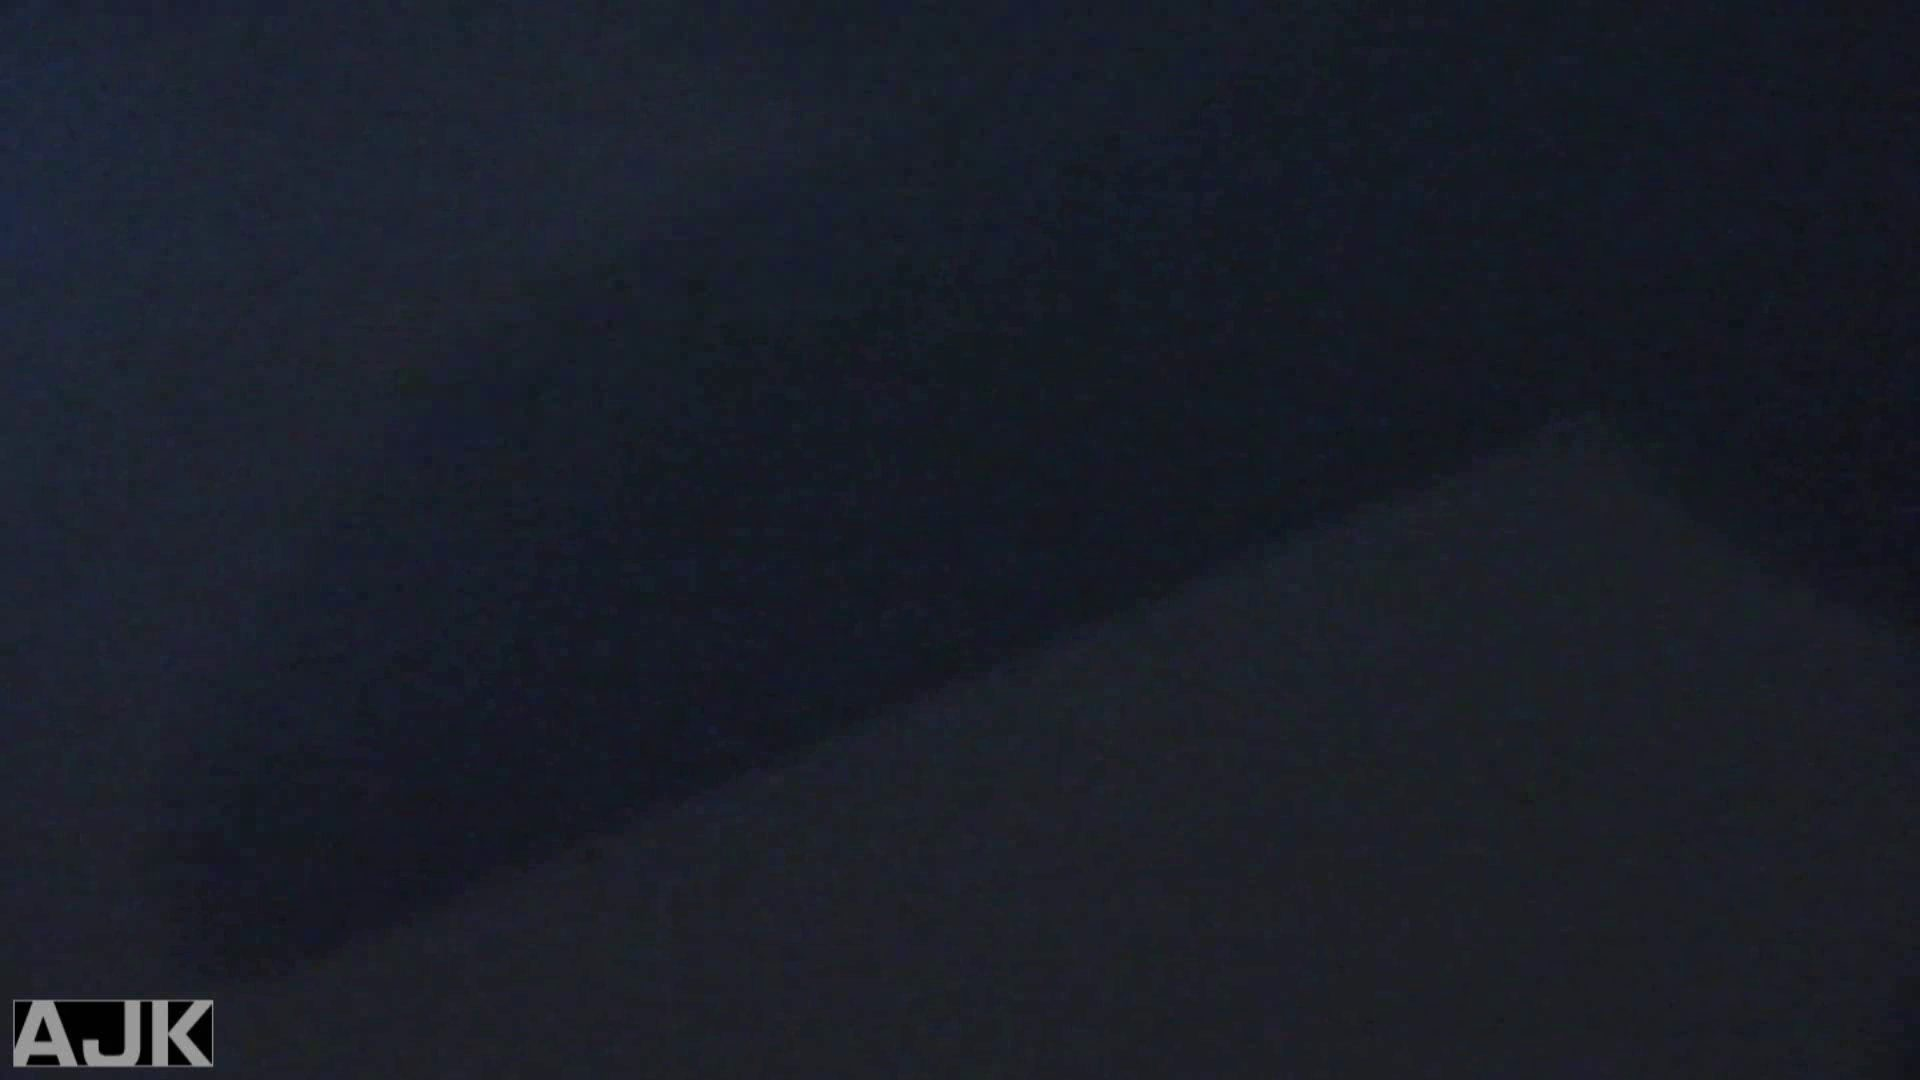 隣国上階級エリアの令嬢たちが集うデパートお手洗い Vol.21 便所で・・・ ワレメ無修正動画無料 60画像 6